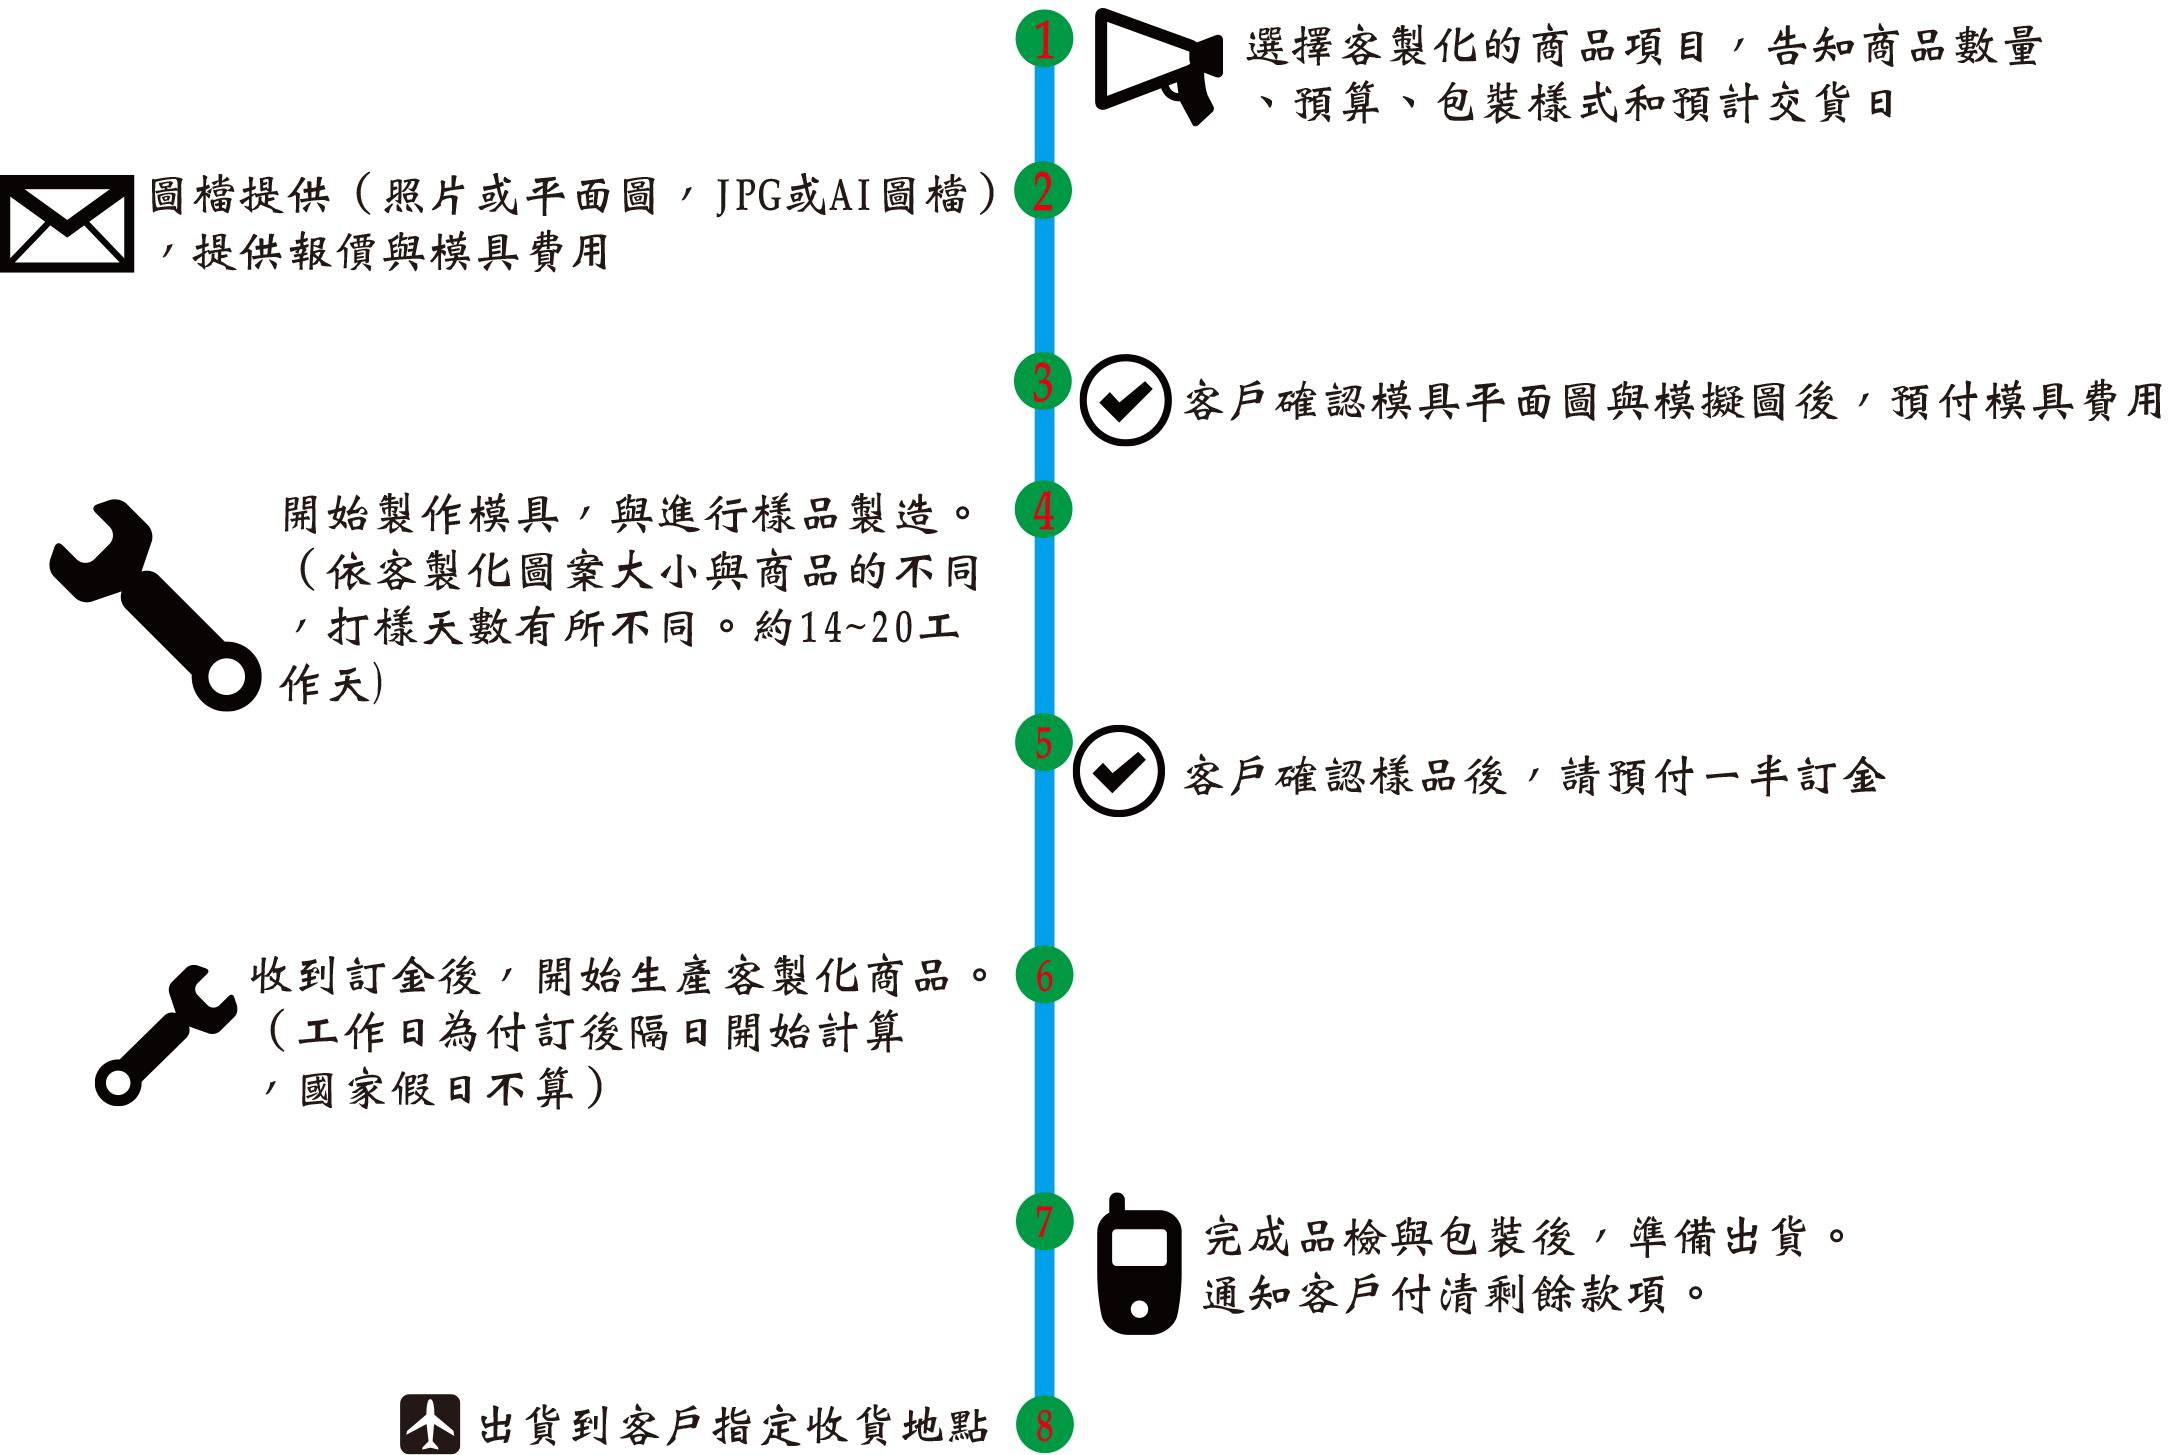 客製化商品流程圖